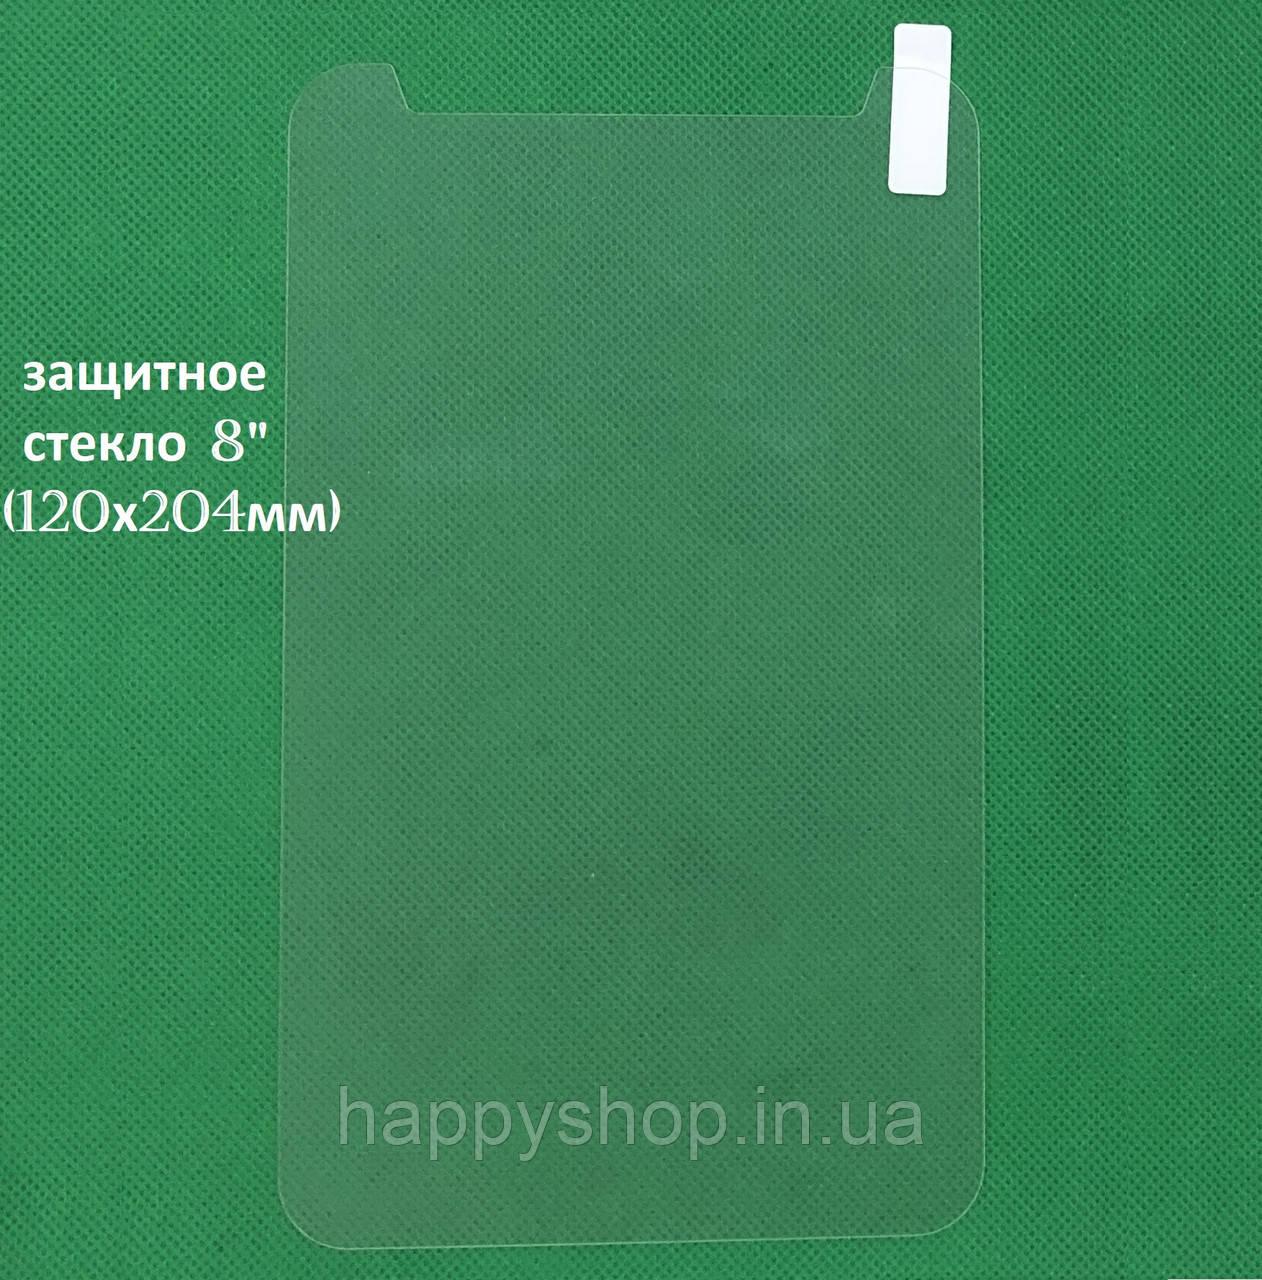 Универсальное защитное стекло 8 дюймов (120х204мм) тех.пак